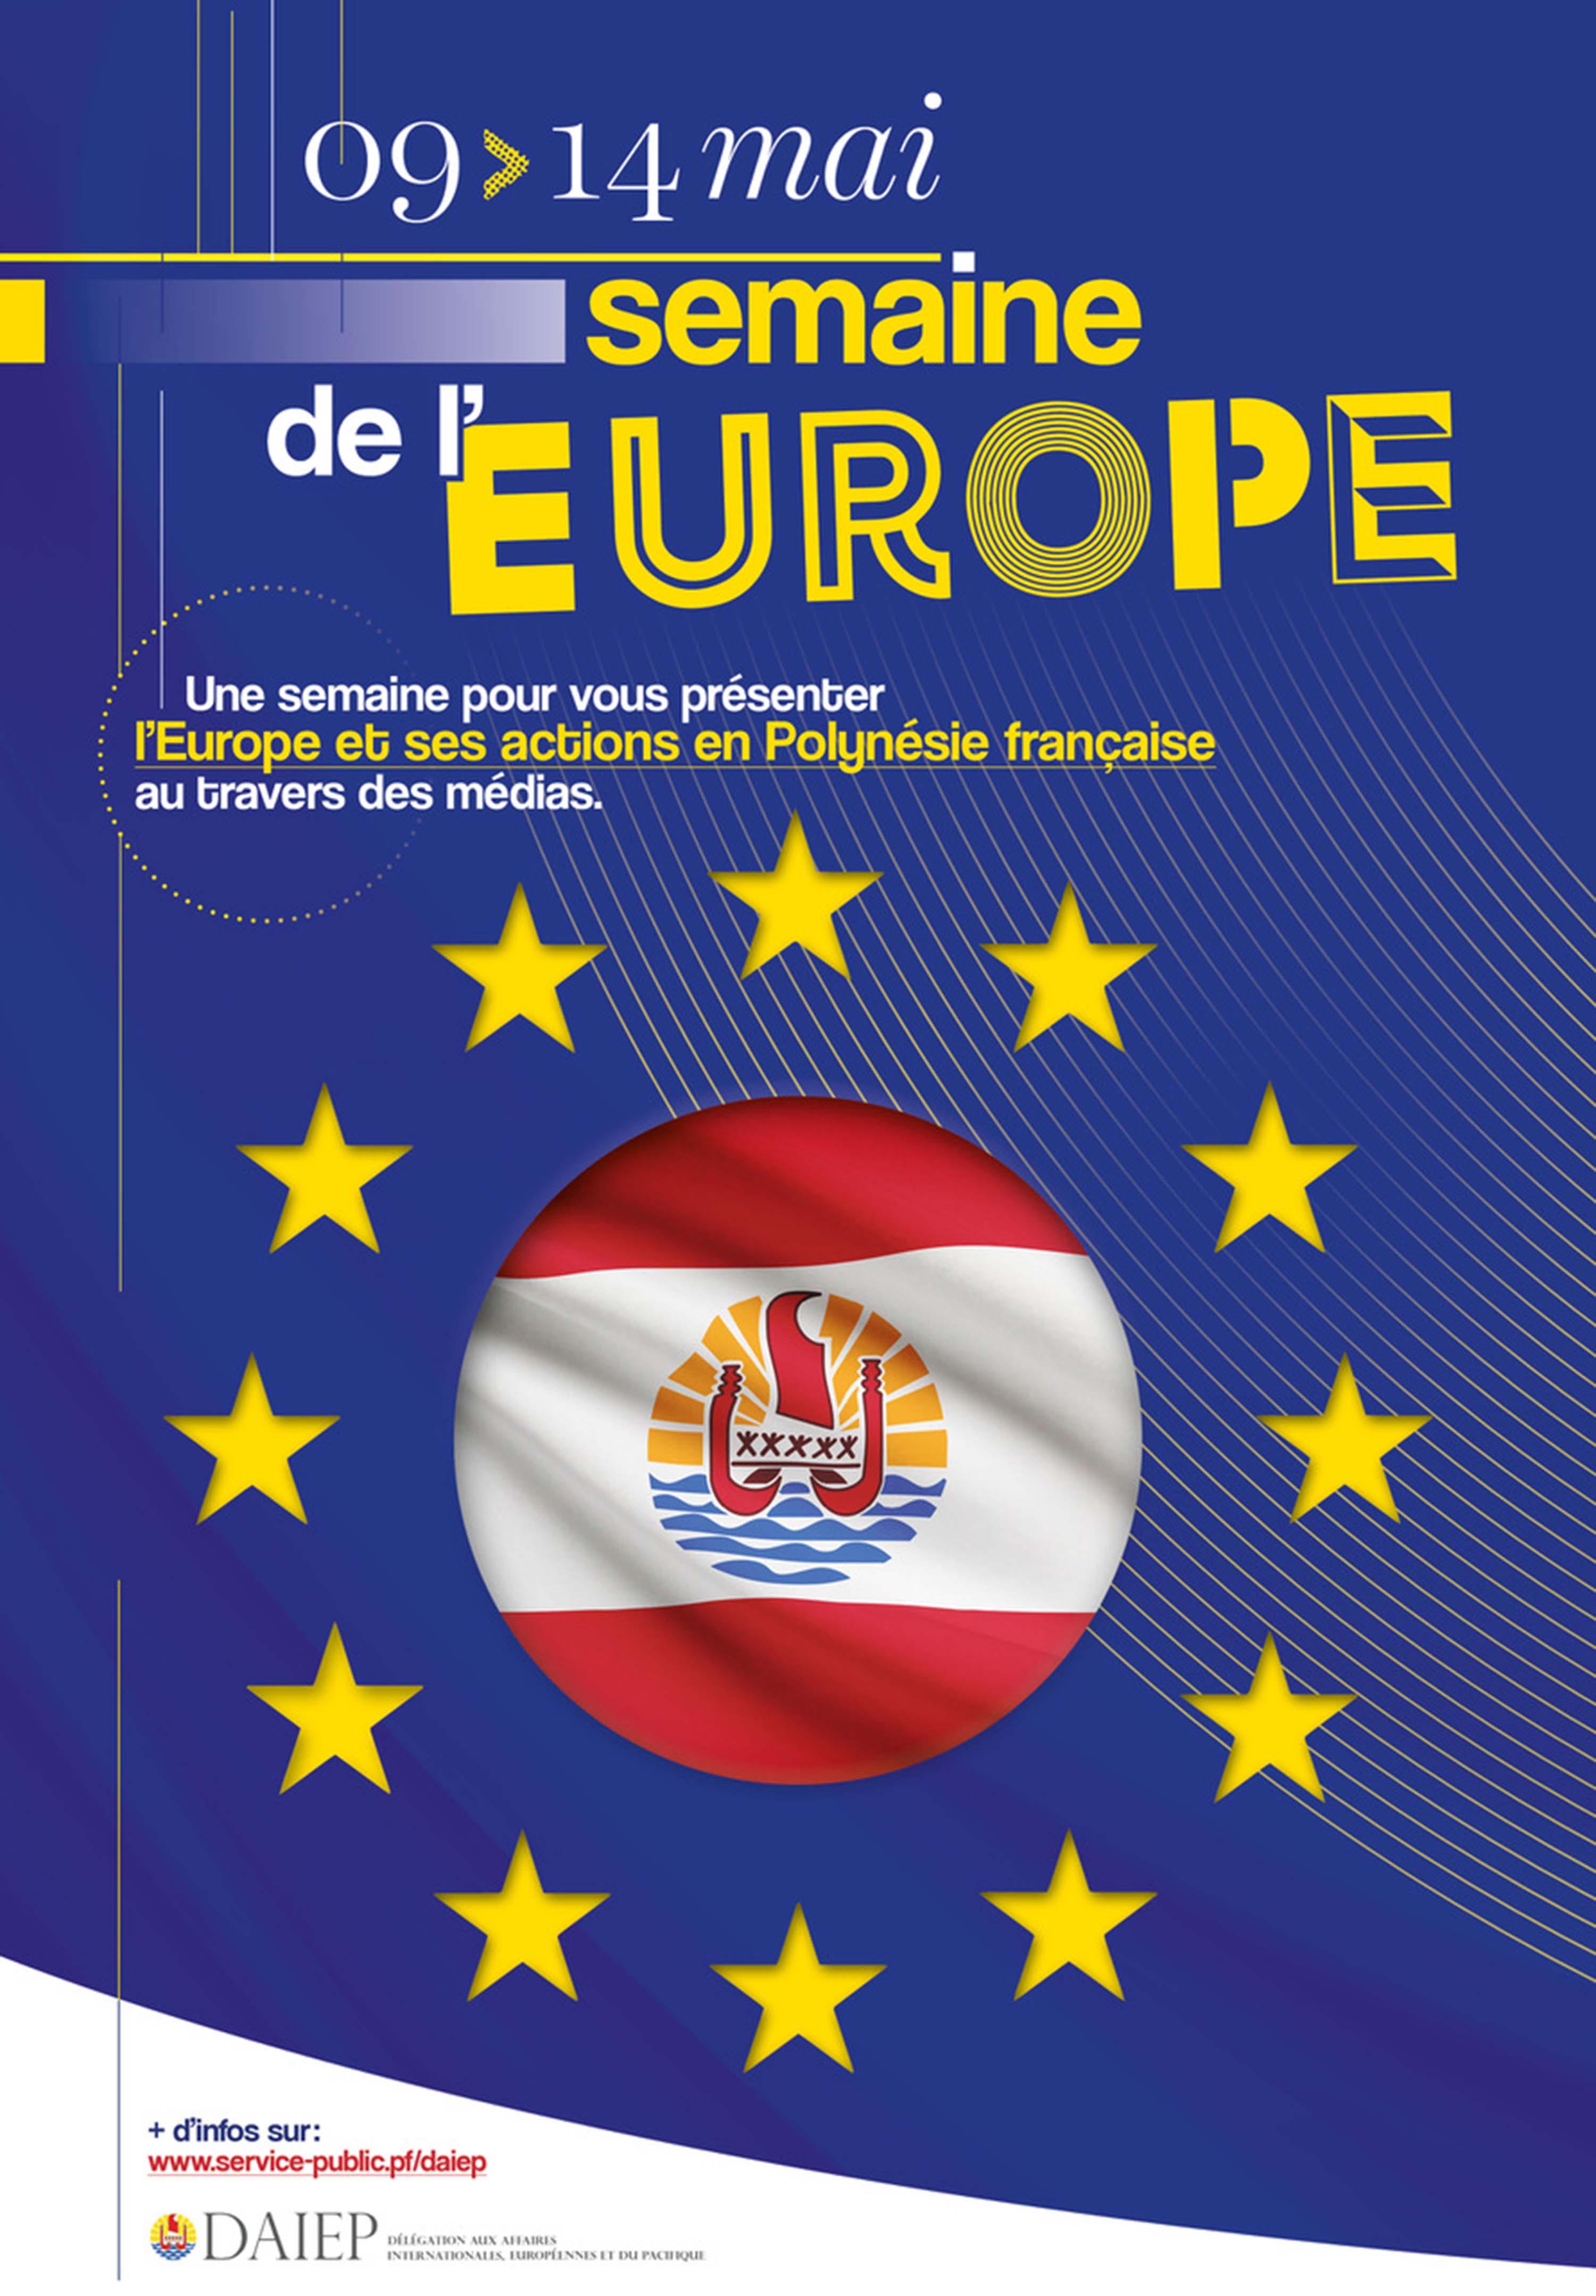 La semaine de l'Europe, en Polynésie aussi du 9 au 14 mai